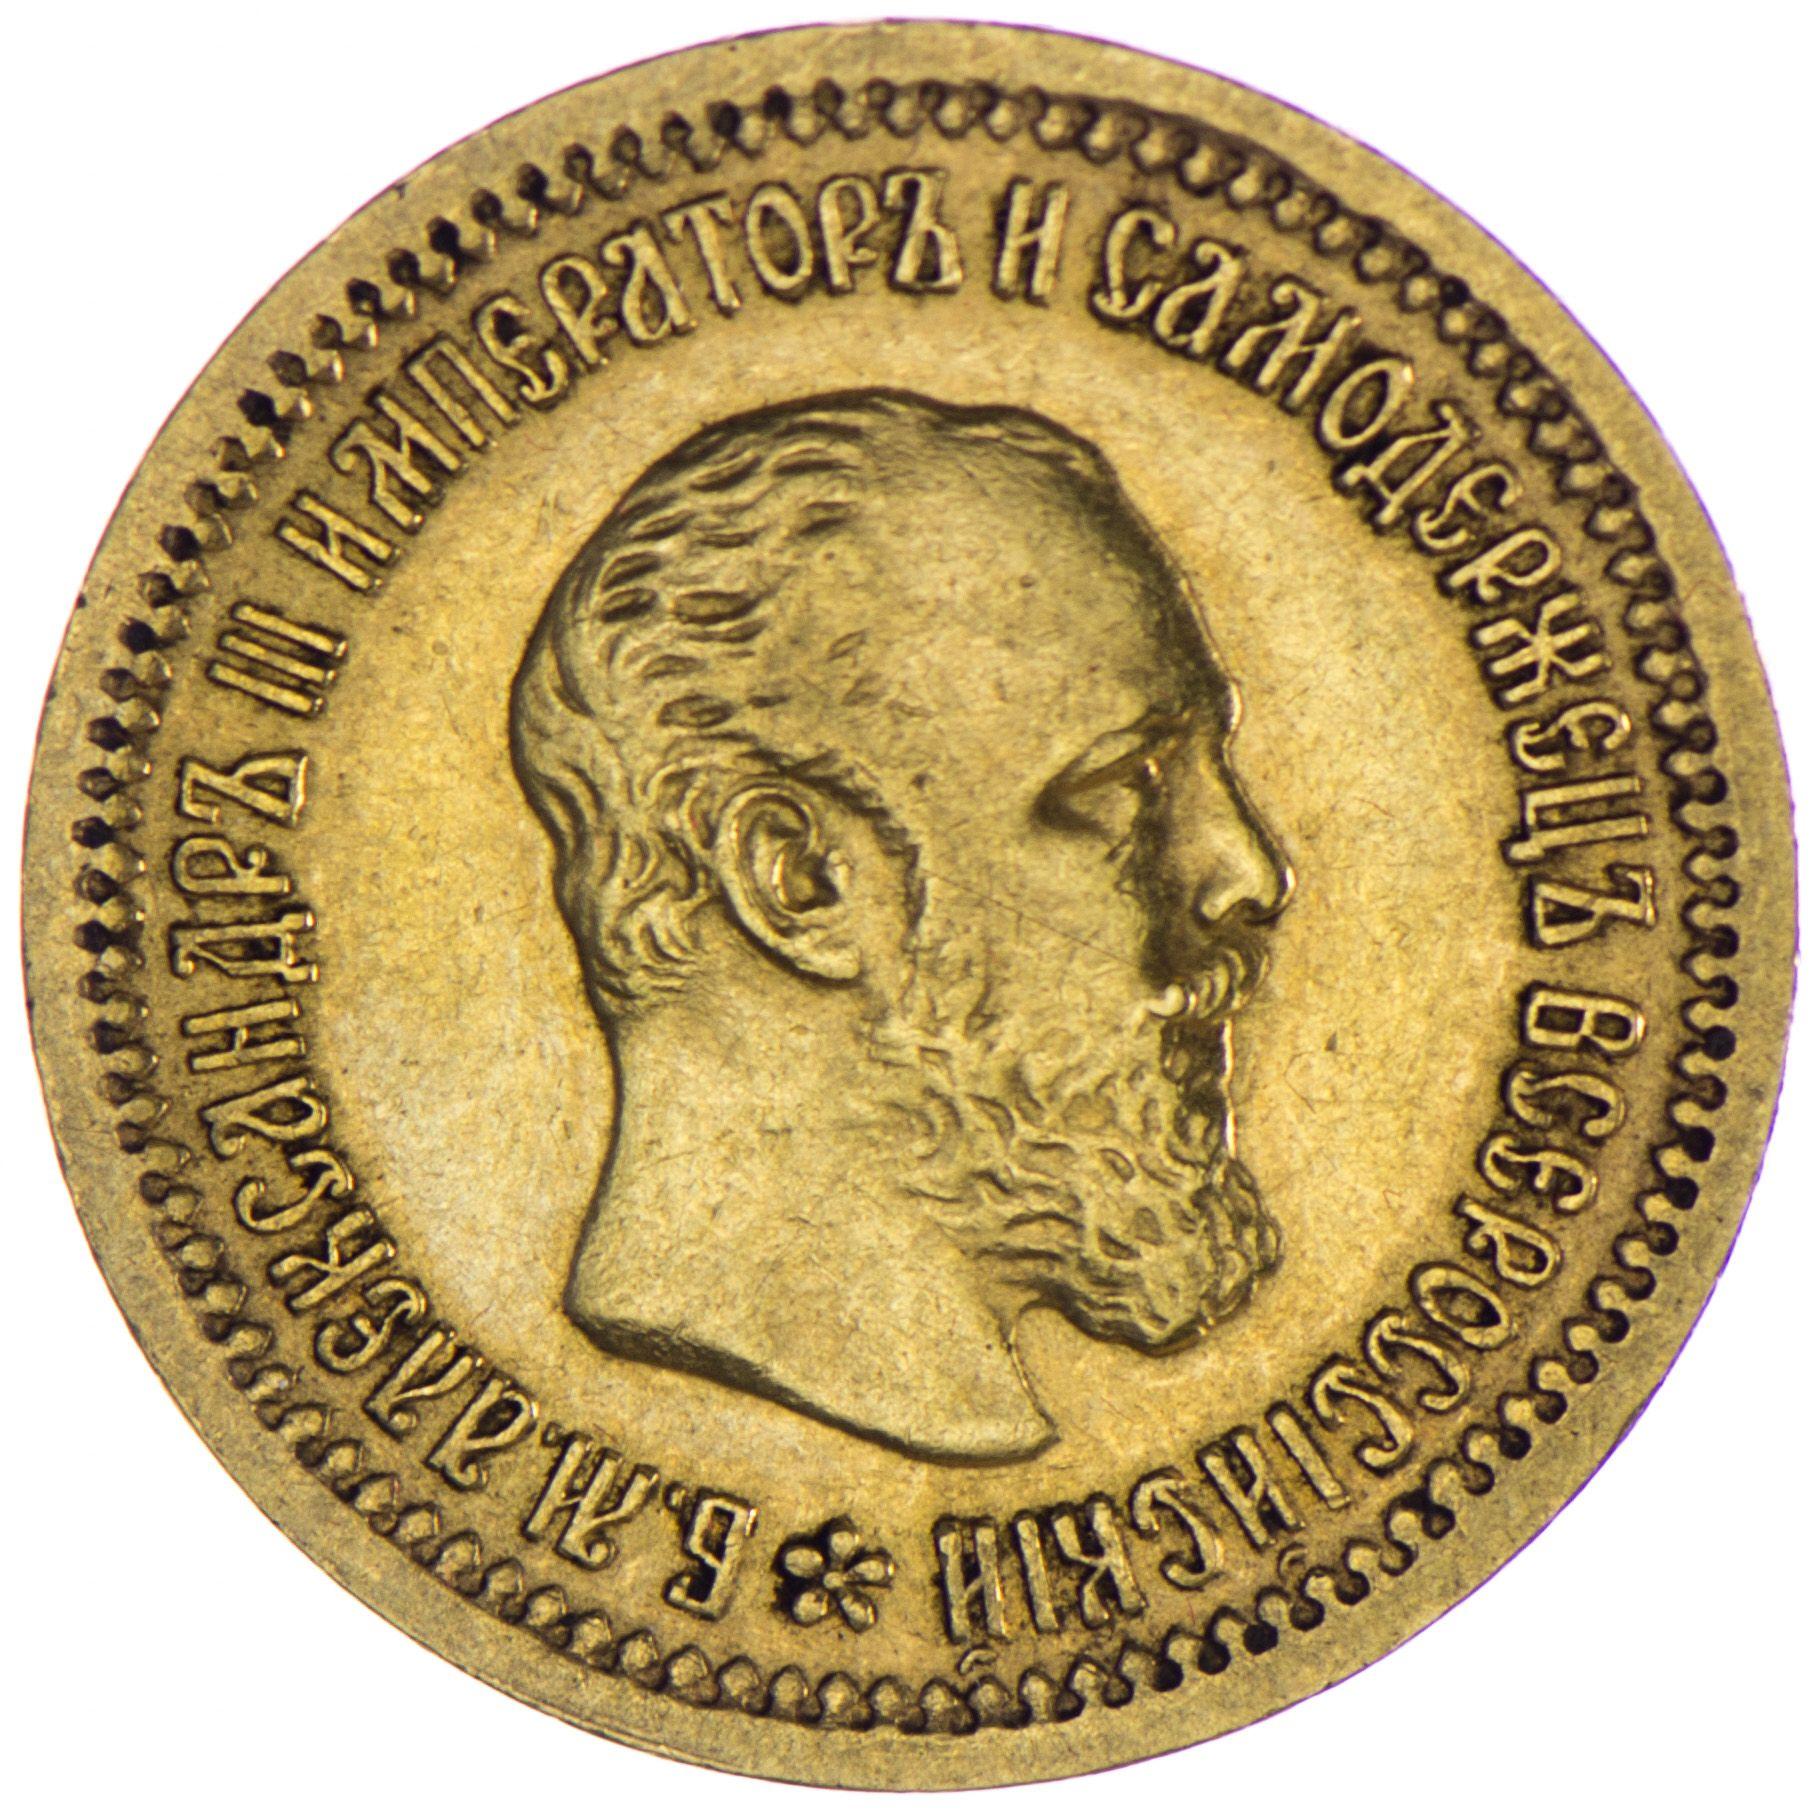 Alexander Iii 1881 1894 5 Rubel 1889 Gold Sankt Petersburg